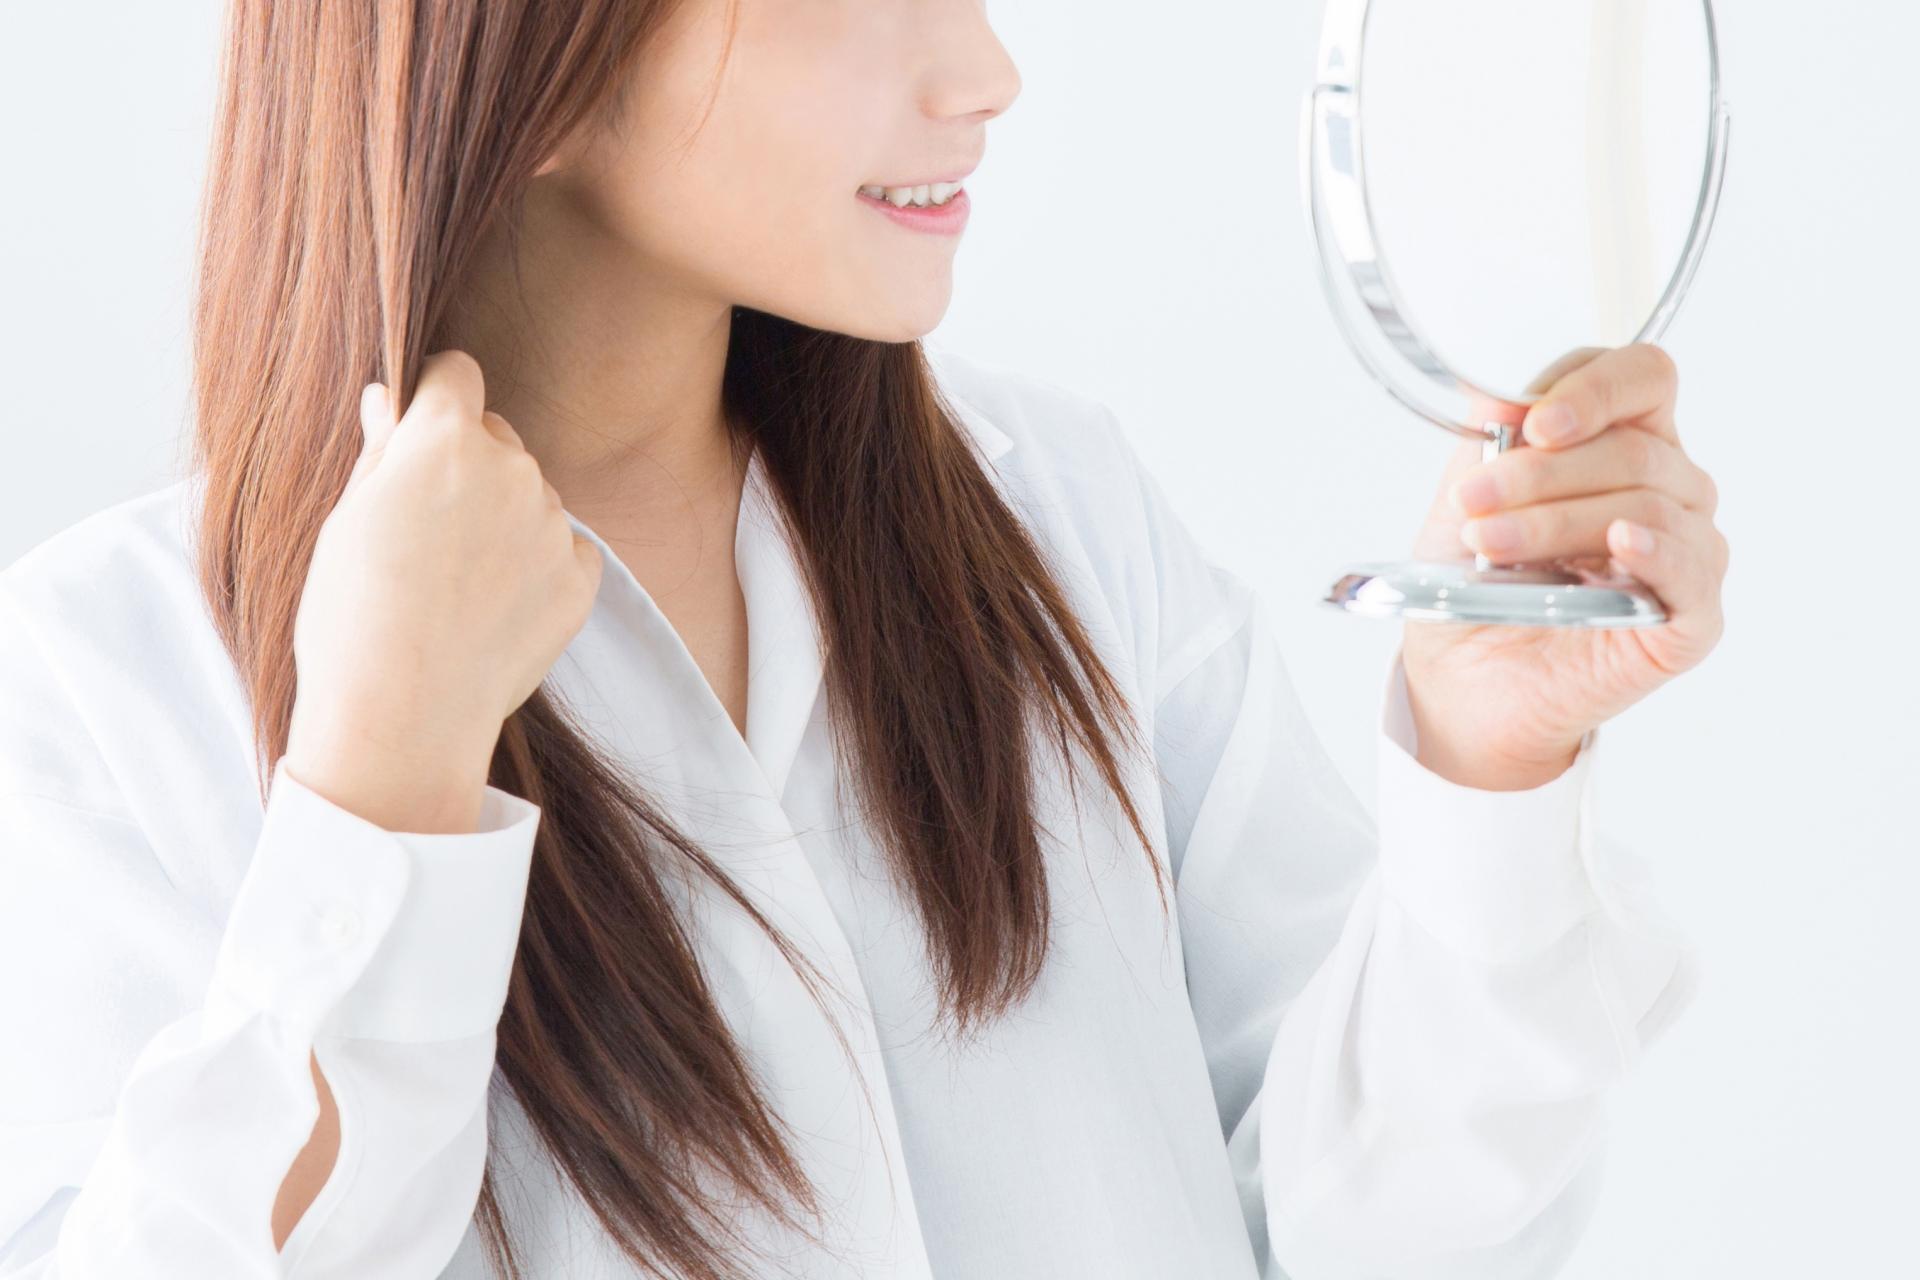 サラサラな髪の毛の女性